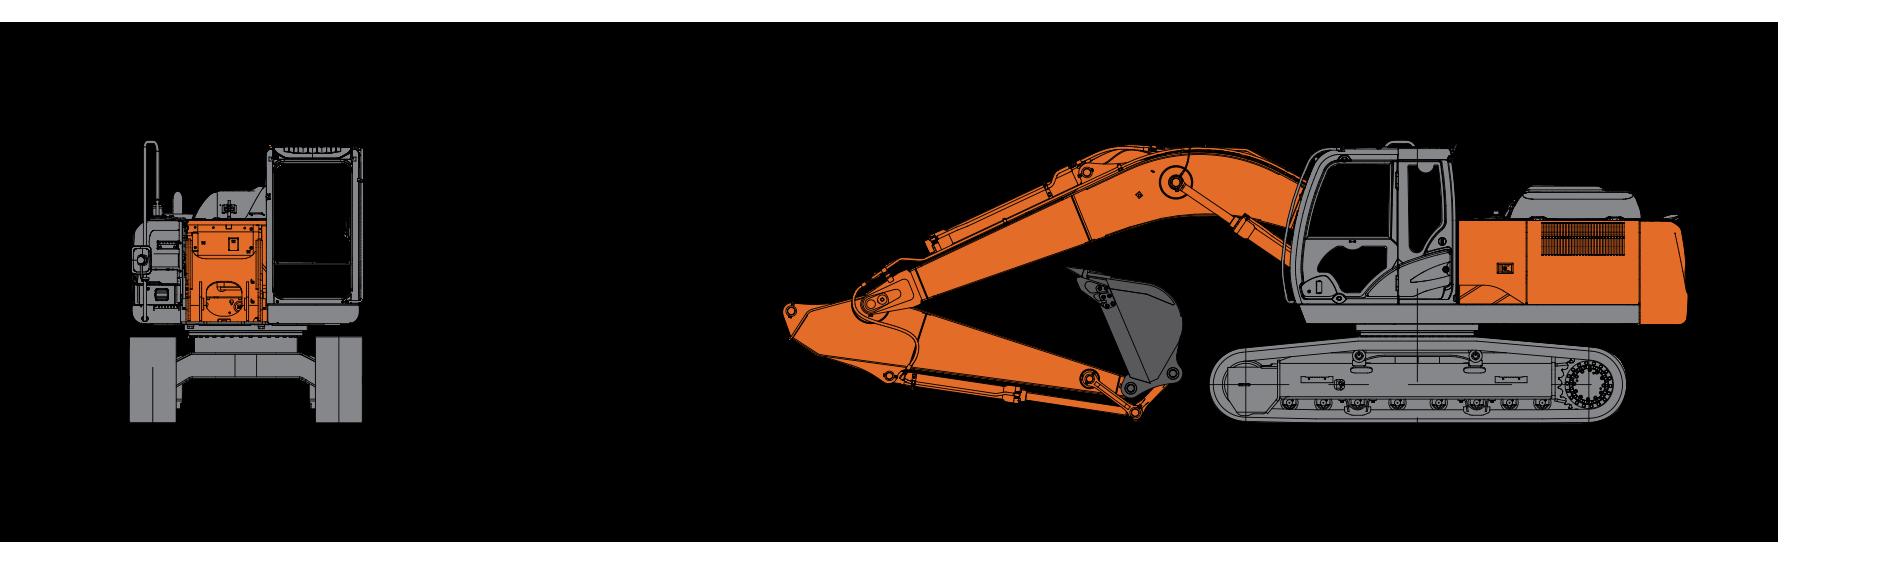 Технические характеристики экскаватора Hitachi ZX210 LC